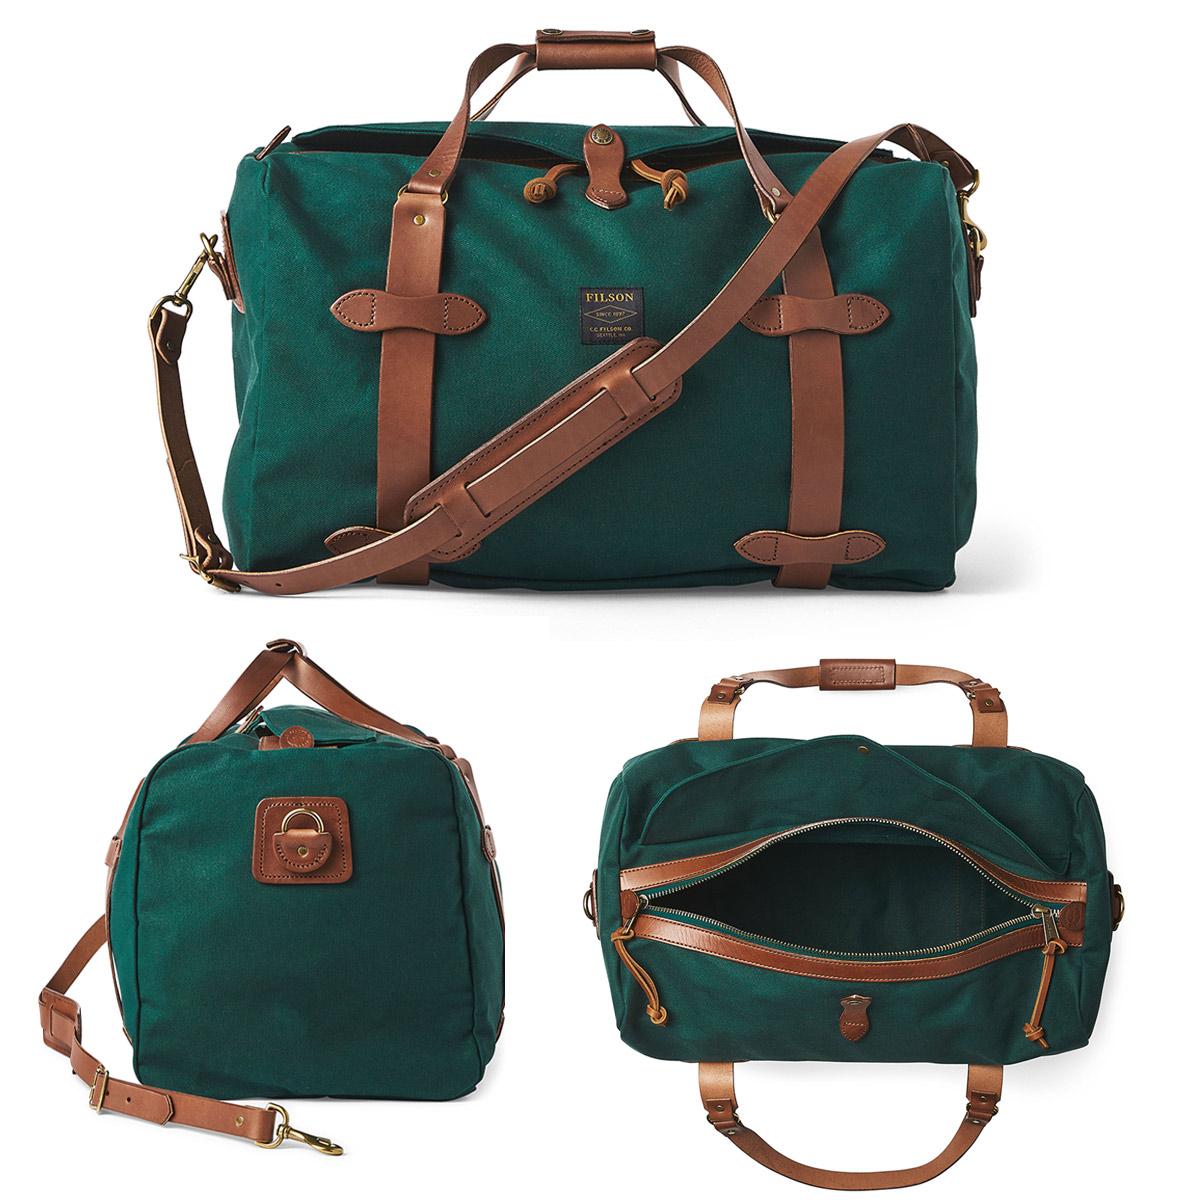 Filson Duffle Medium Hemlock, stoere duffel die voldoet aan de maximale handbagage afmetingen